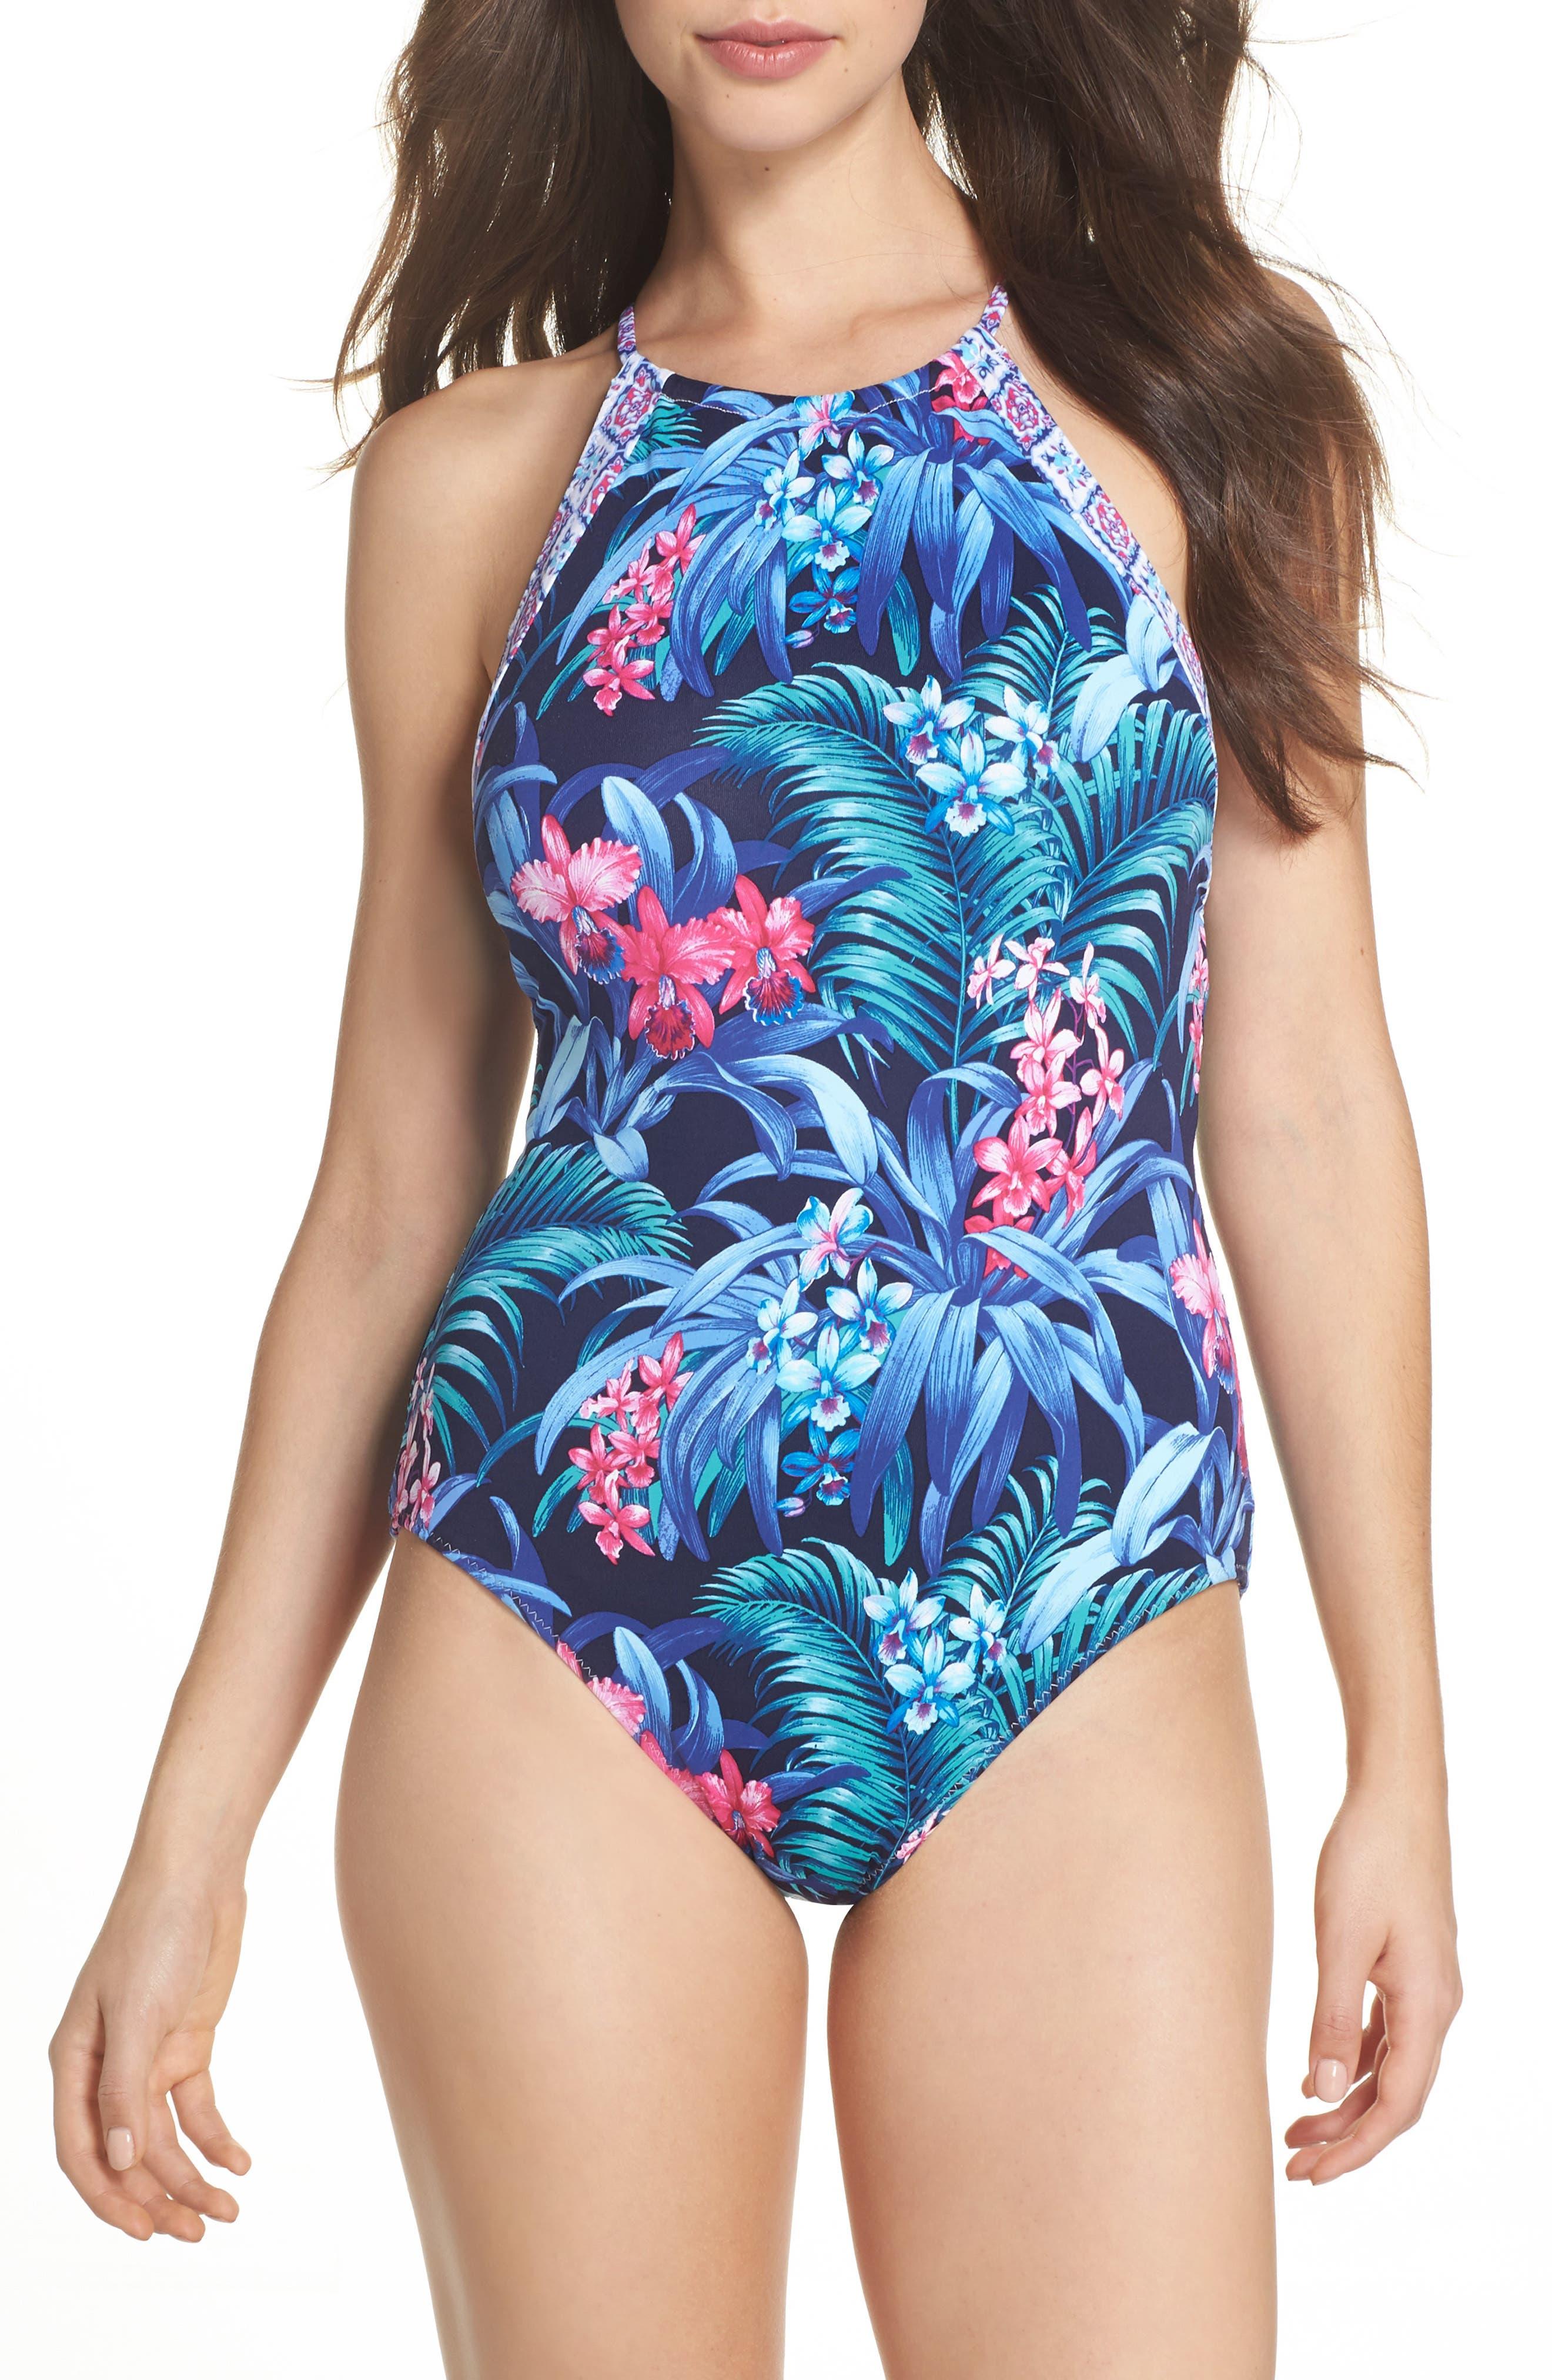 Majorelle Reversible One-Piece Swimsuit,                             Main thumbnail 1, color,                             400